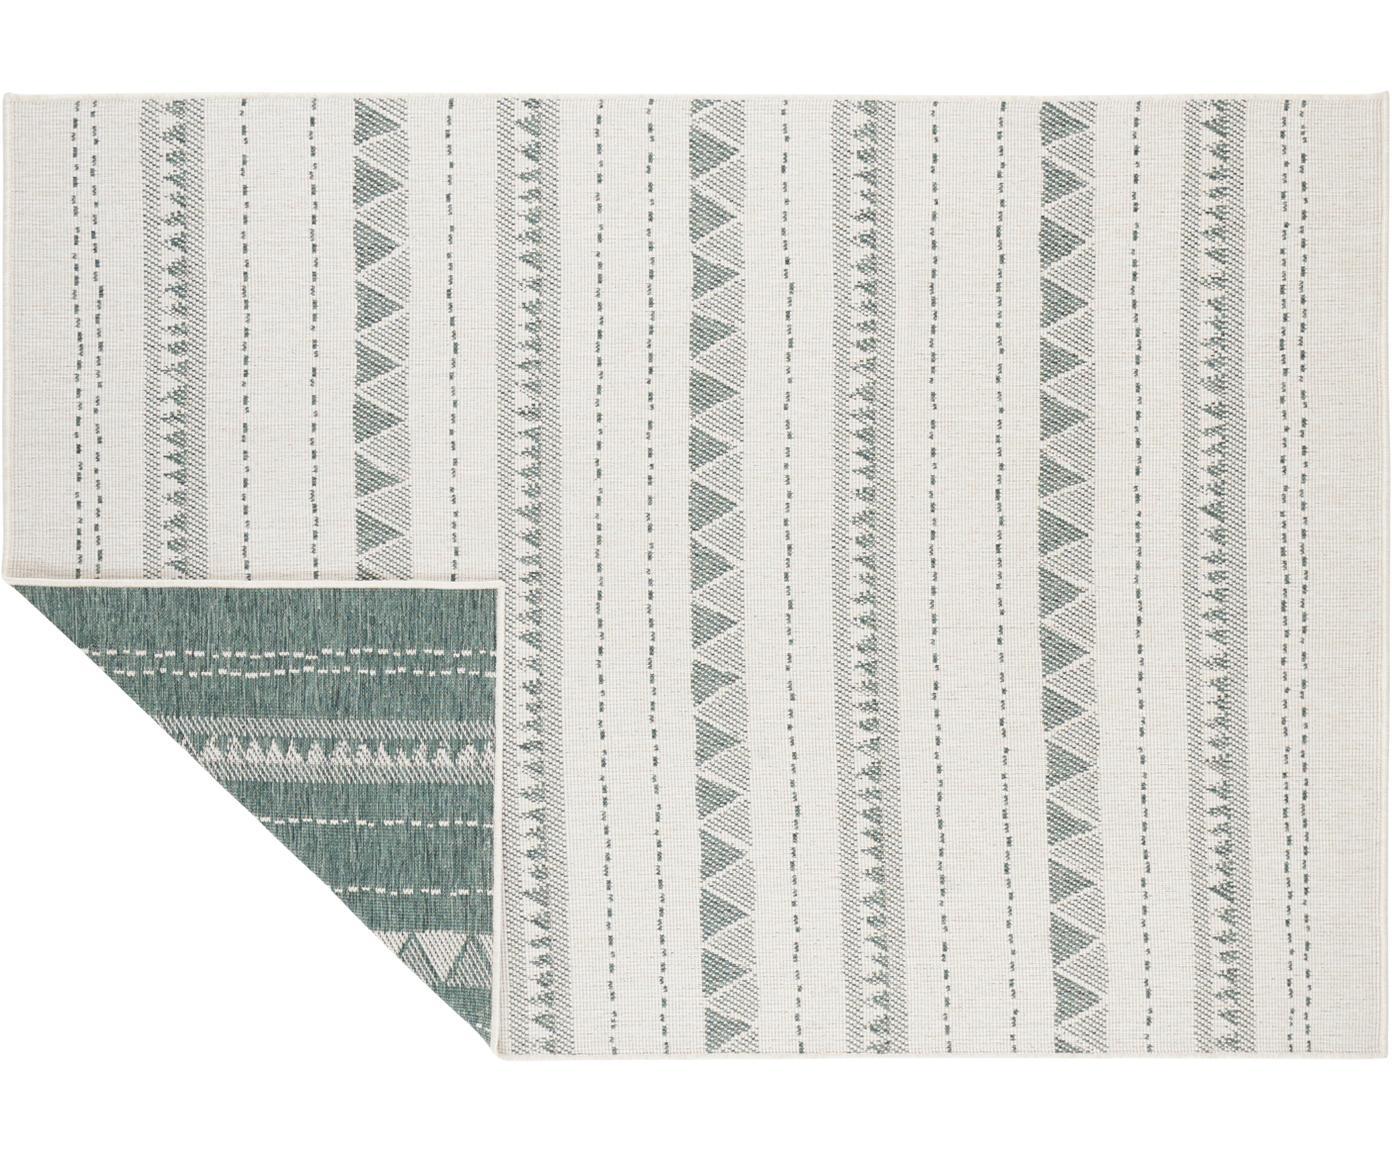 Dubbelzijdig in- & outdoor vloerkleed Bahamas, Polypropyleen, Groen, crèmekleurig, B 120 x L 170 cm (maat S)